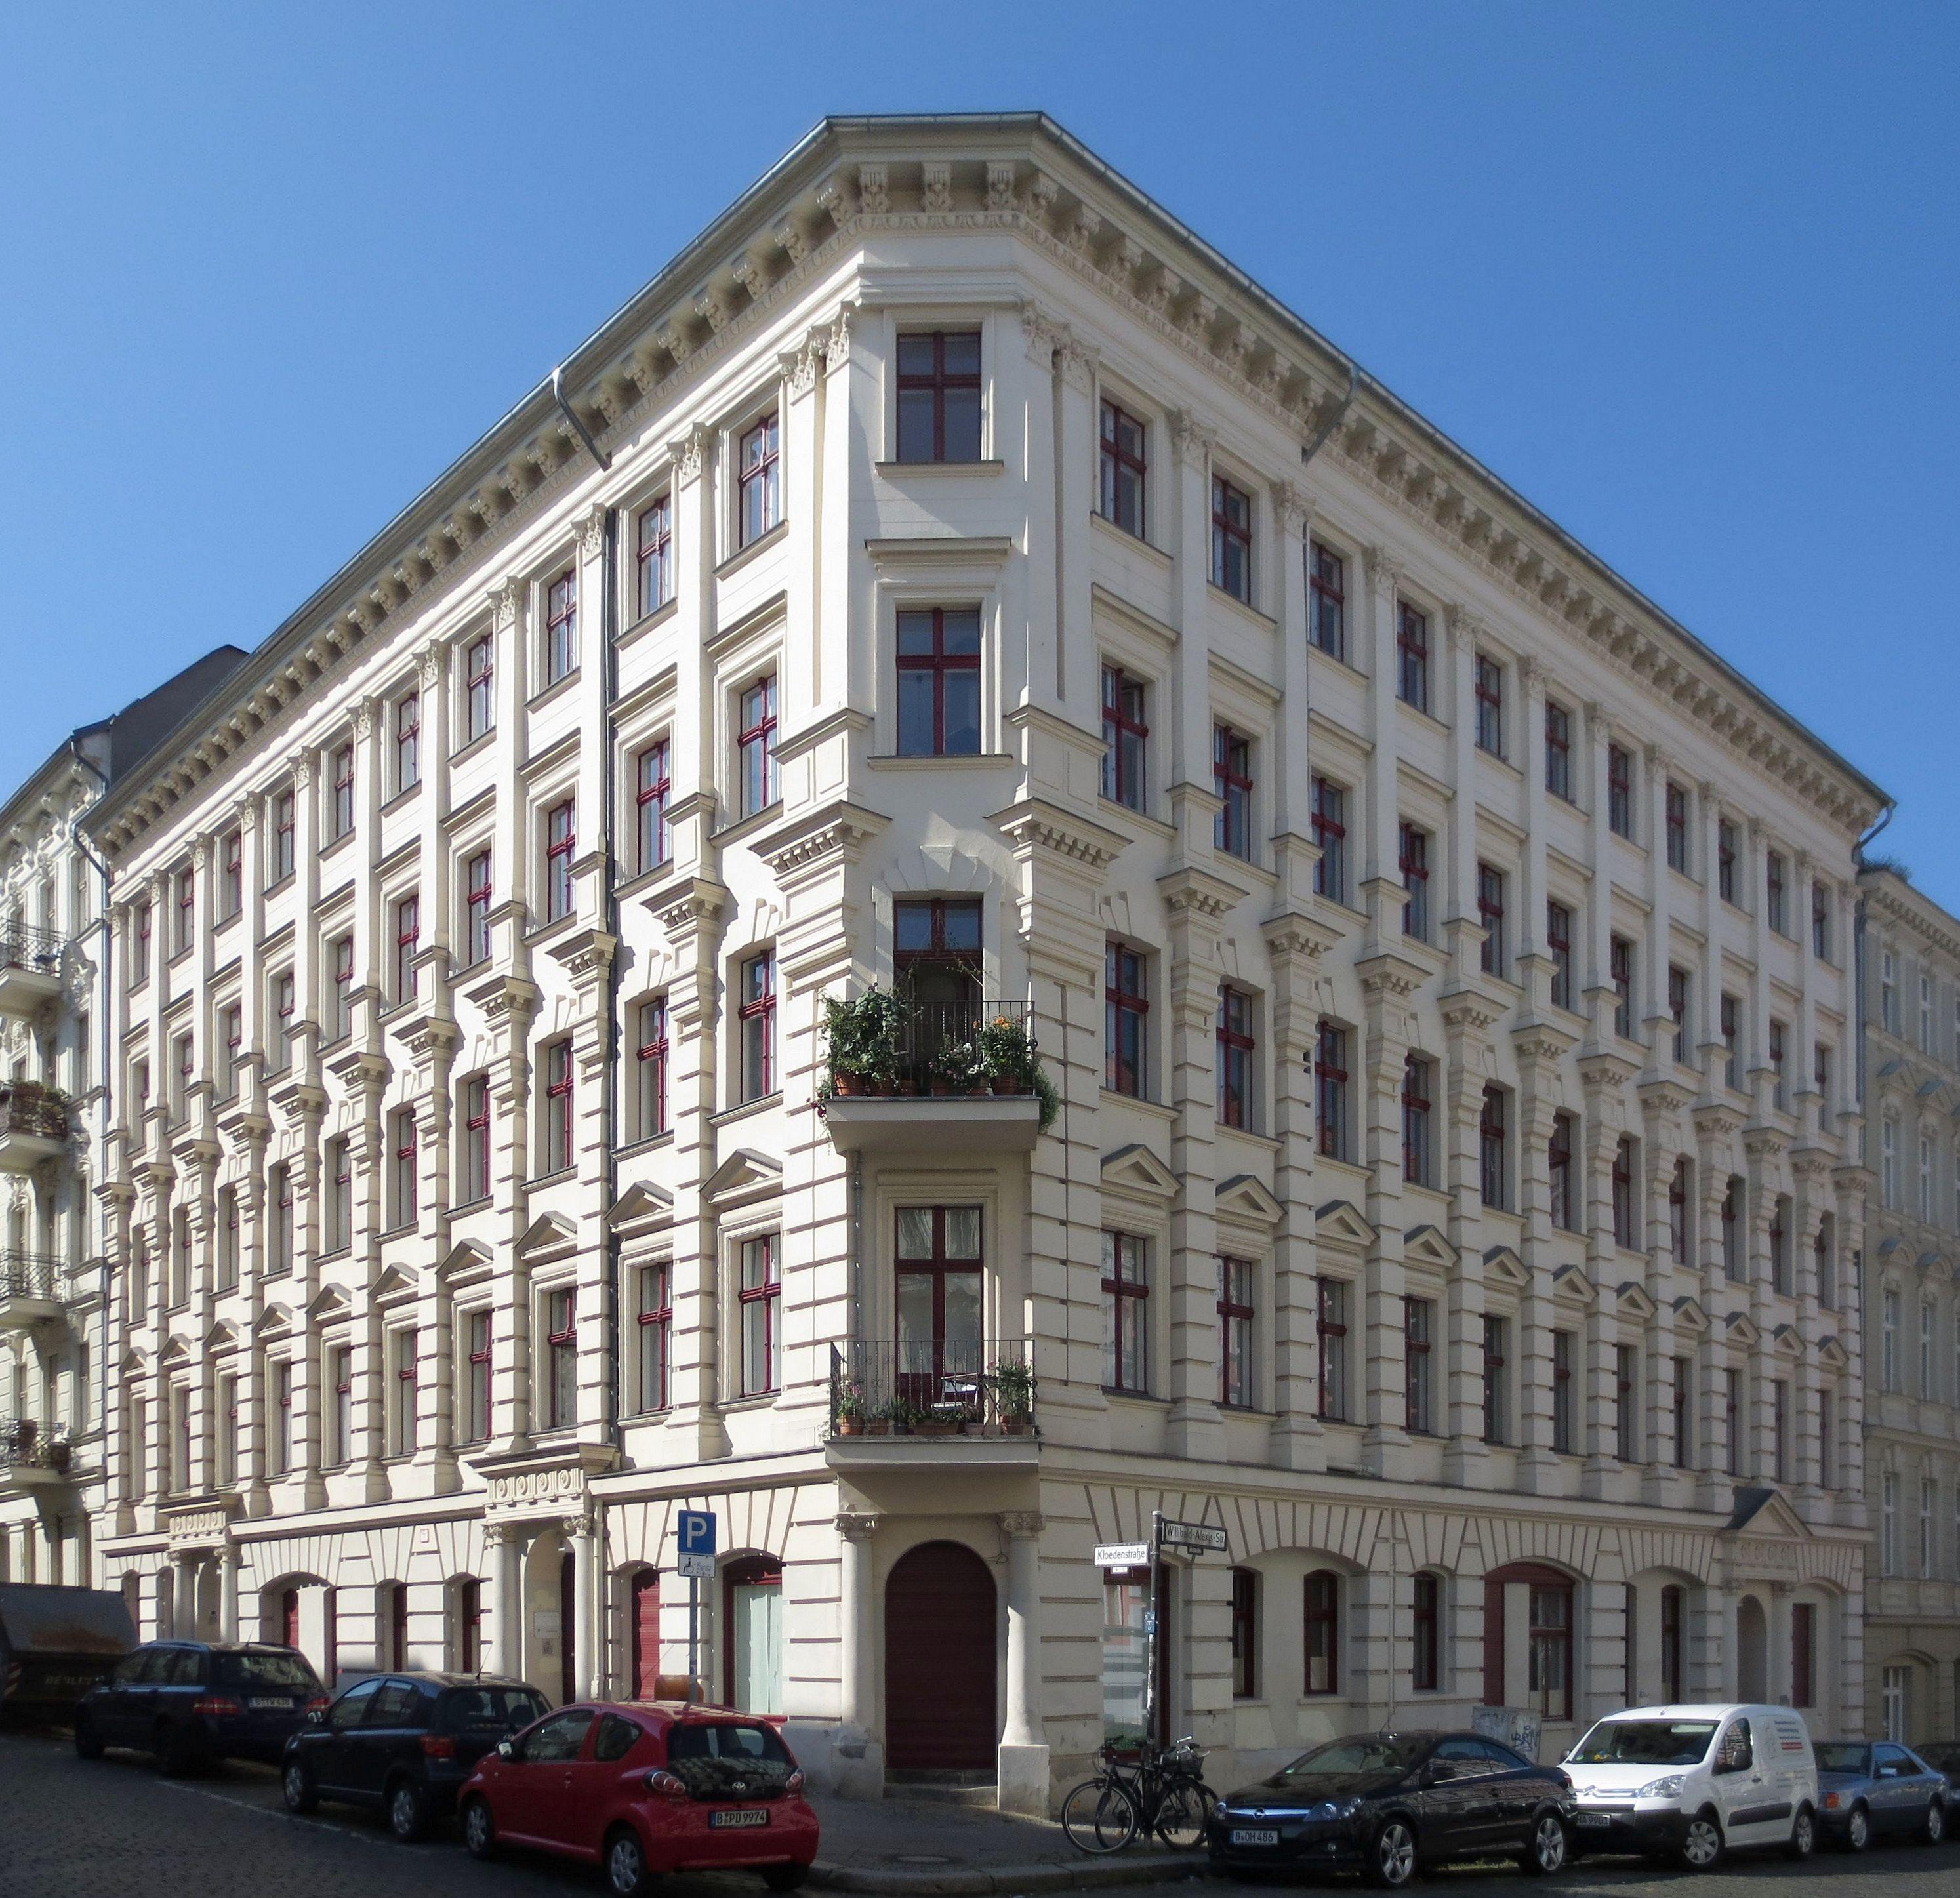 Architecture in berlin wiki everipedia for Architecture berlin